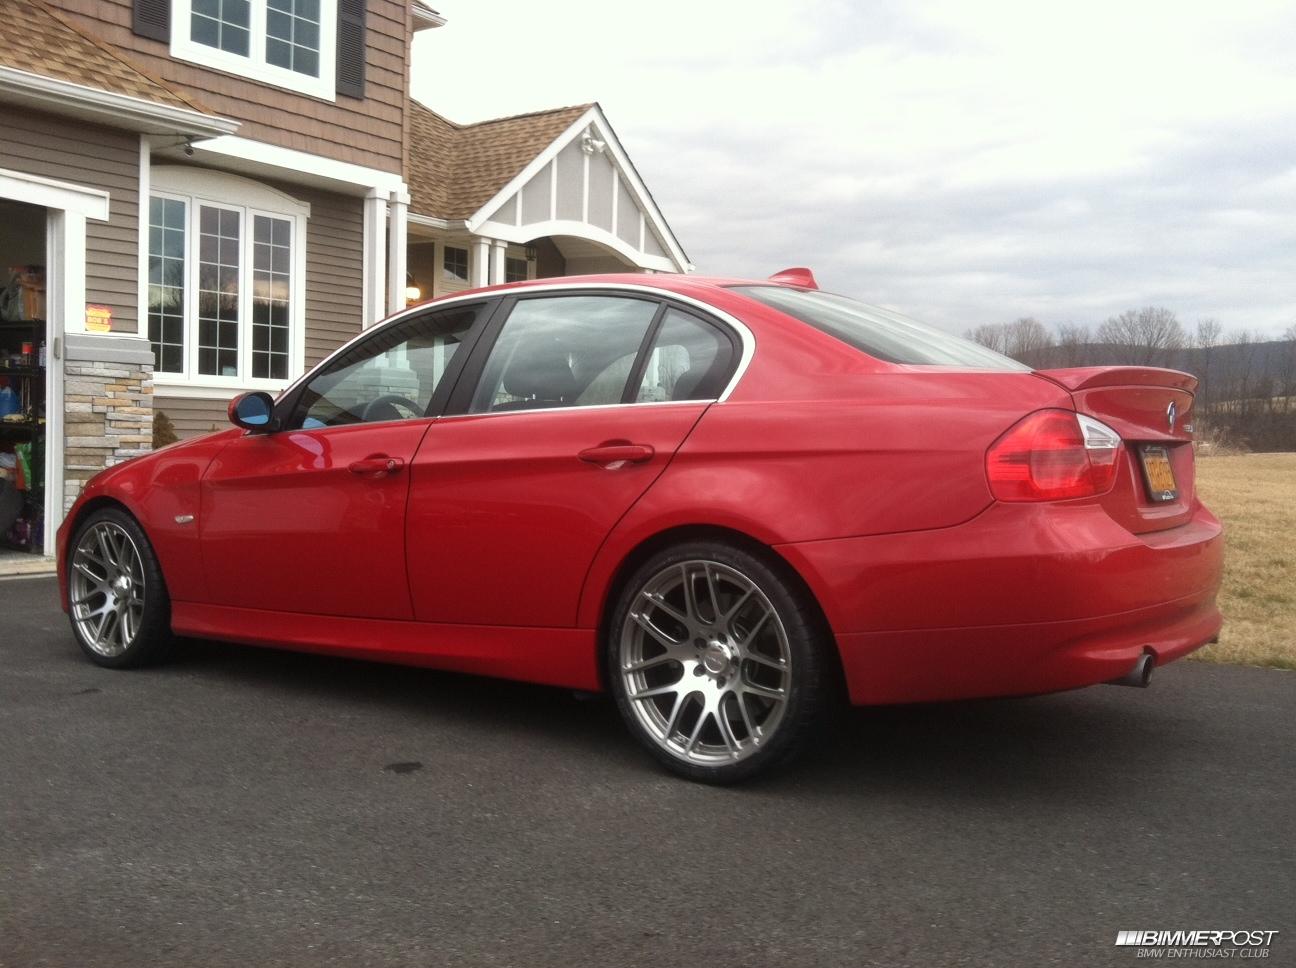 Snkypetes BMW Xi BIMMERPOST Garage - 2012 bmw 335xi